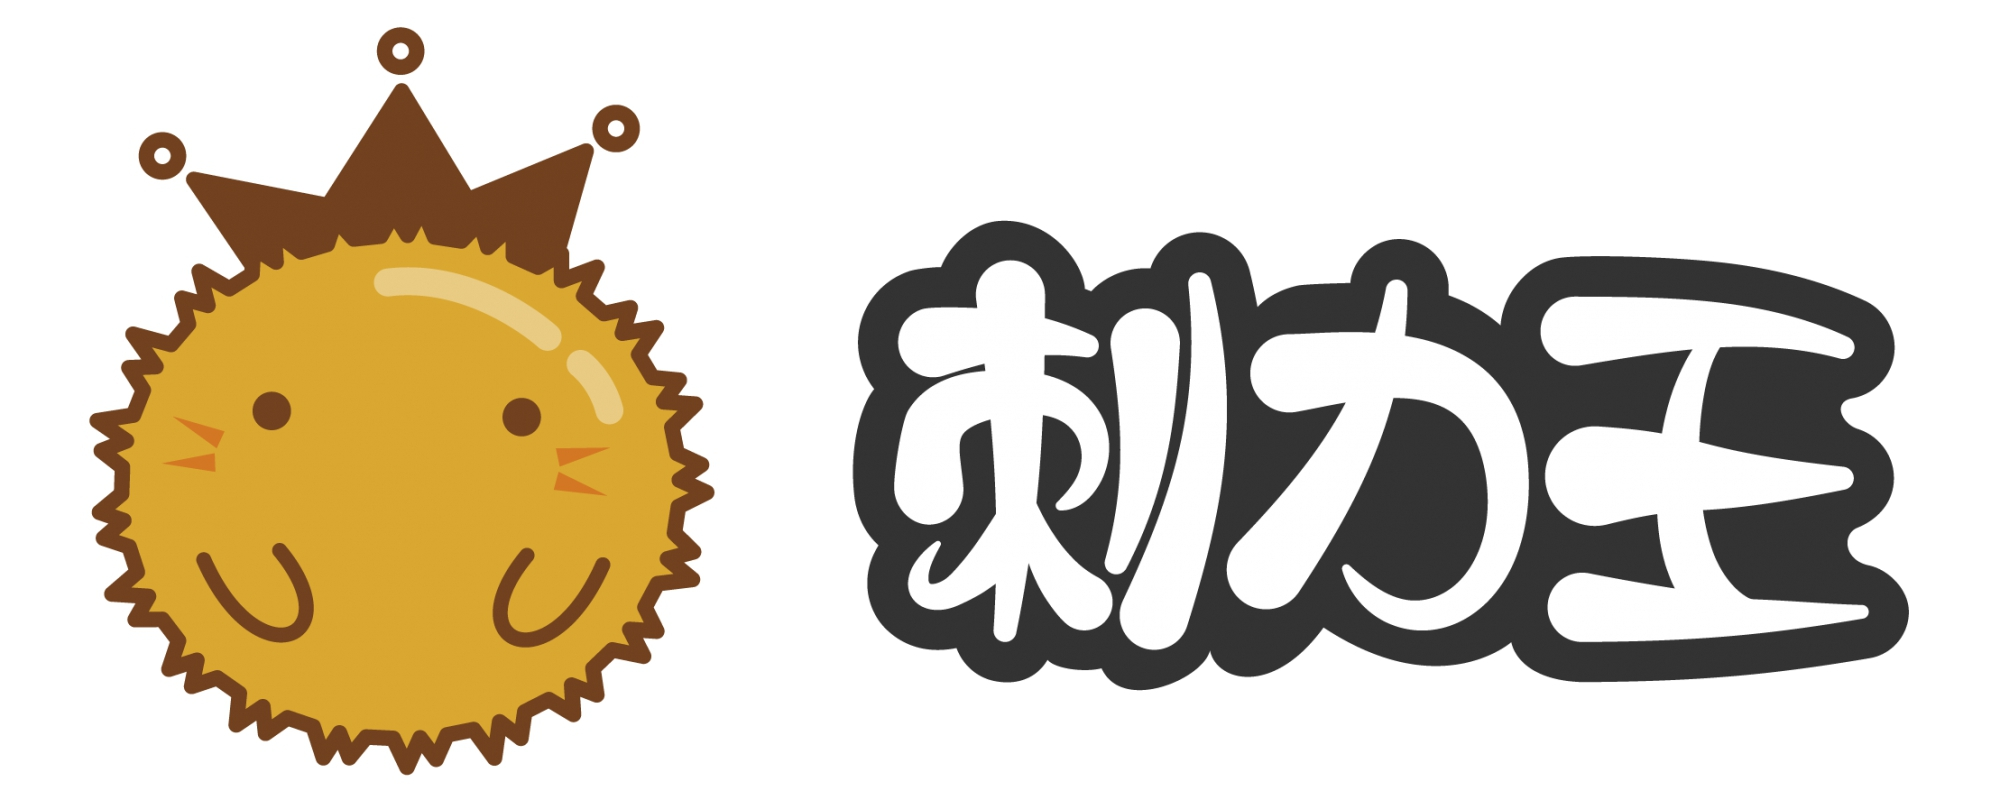 贵州宏财刺力营销有限责任公司六盘水办事处